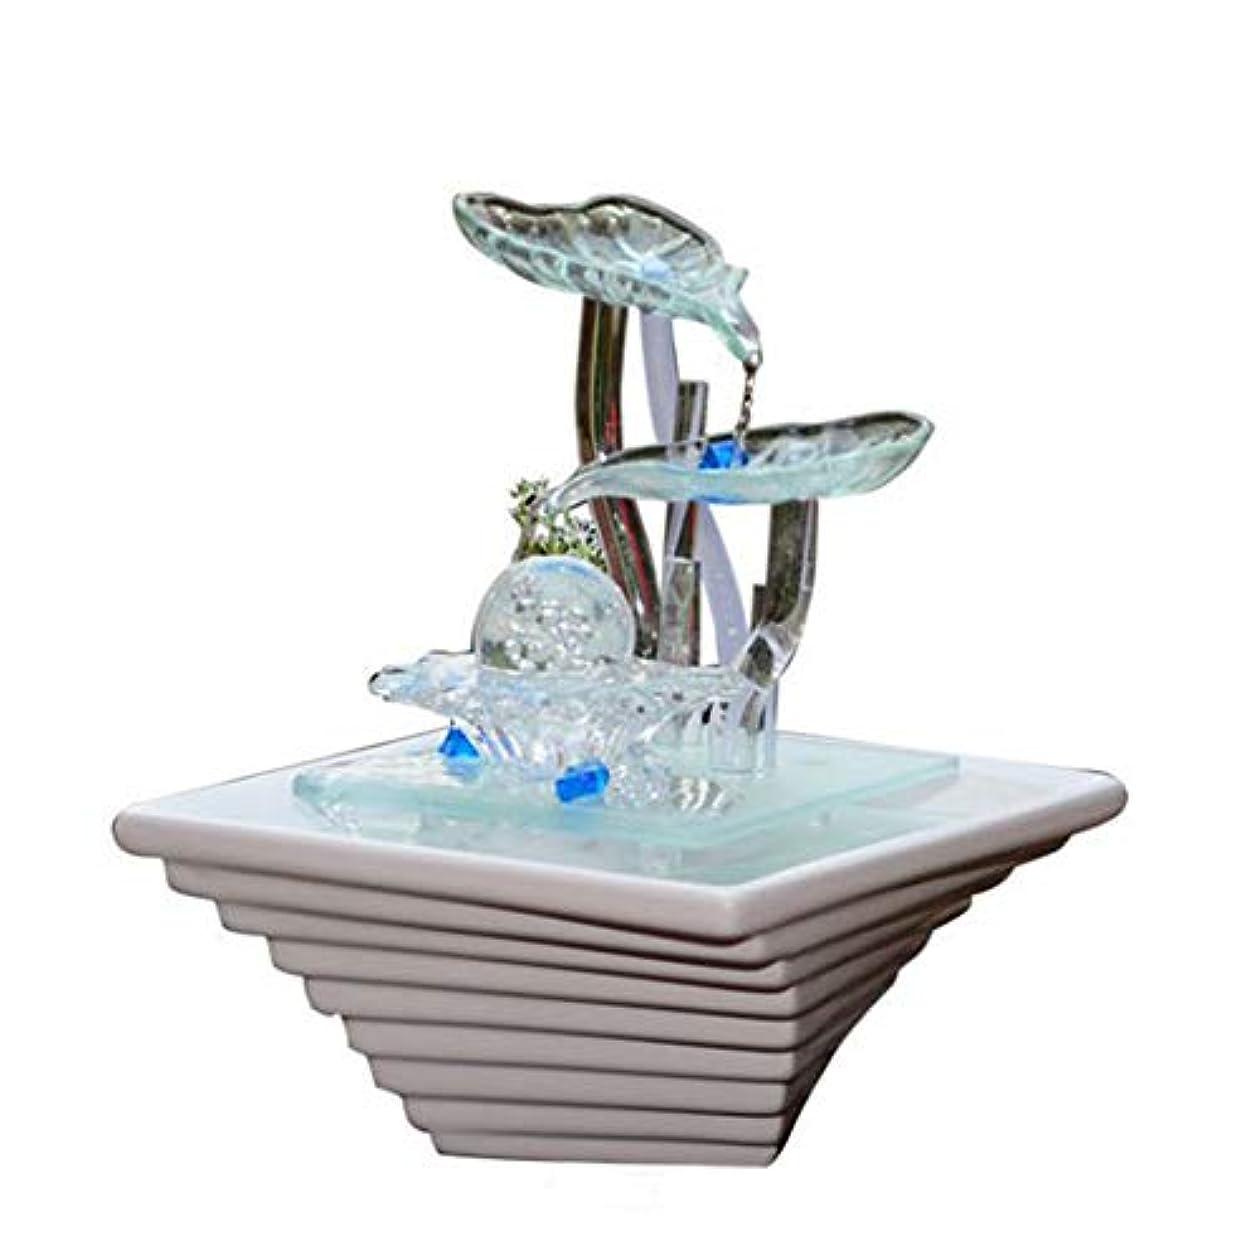 ライオネルグリーンストリート熱狂的なフェリー加湿器ホームデスクトップの装飾セラミックガラス工芸品の装飾品噴水装飾品バレンタインデー結婚式の誕生日パーフェクトギフト